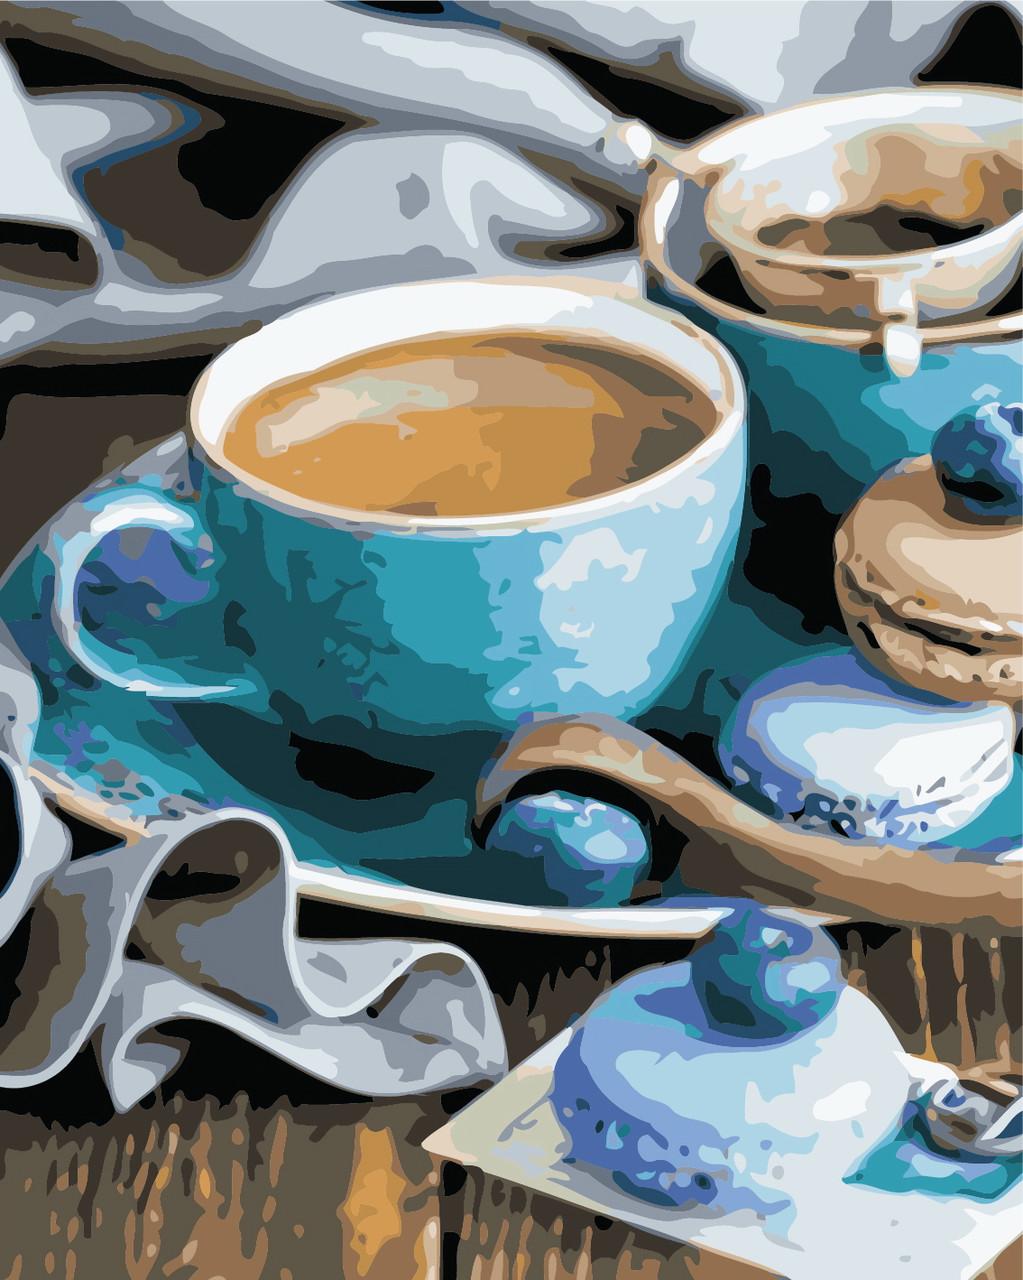 Художественный творческий набор, картина по номерам За чашечкой кофе, 40x50 см, «Art Story» (AS0459)